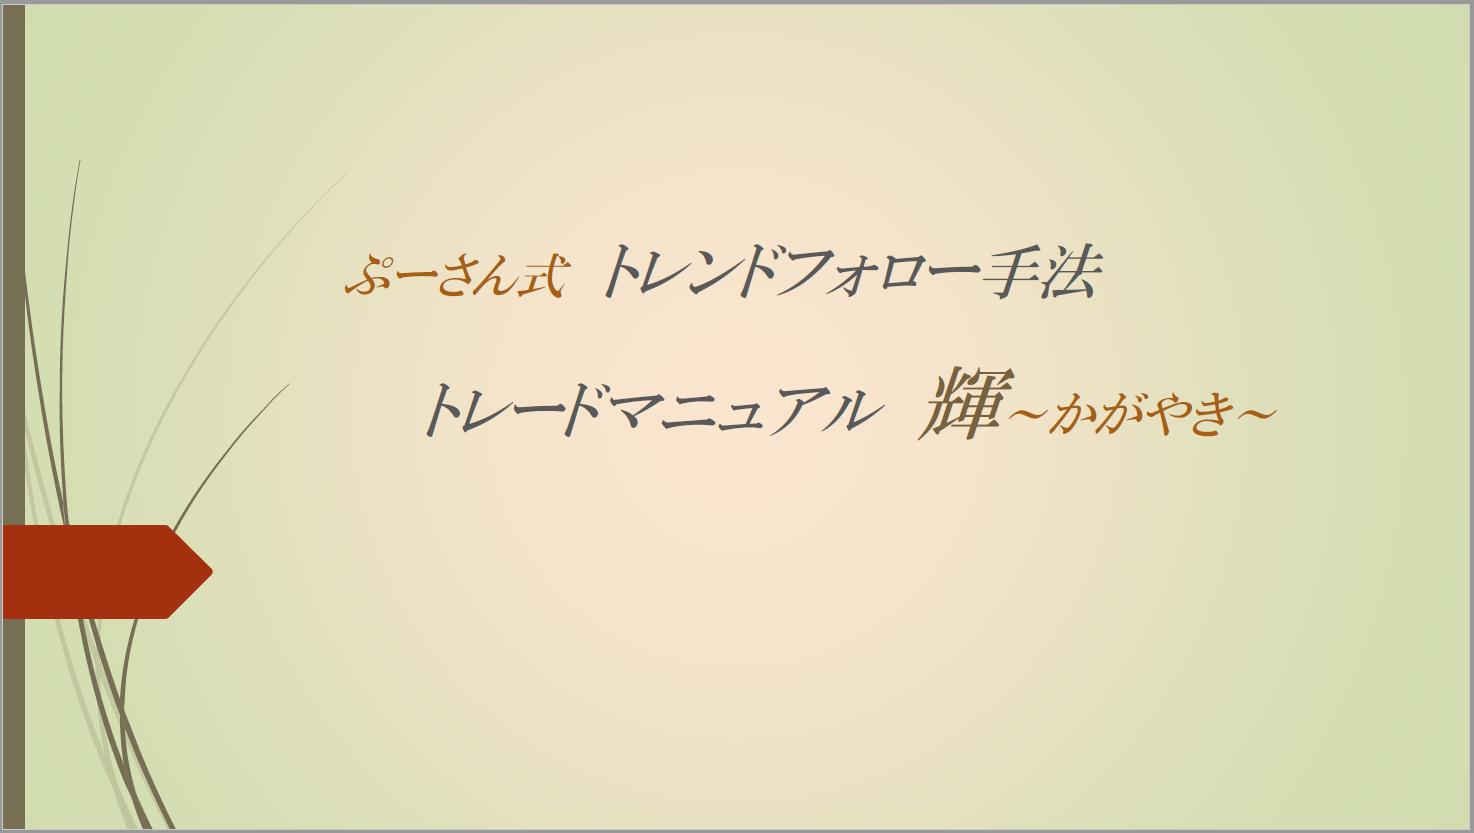 どこよりも詳しく解説!ぷーさん式トレンドフォロー手法の全て!